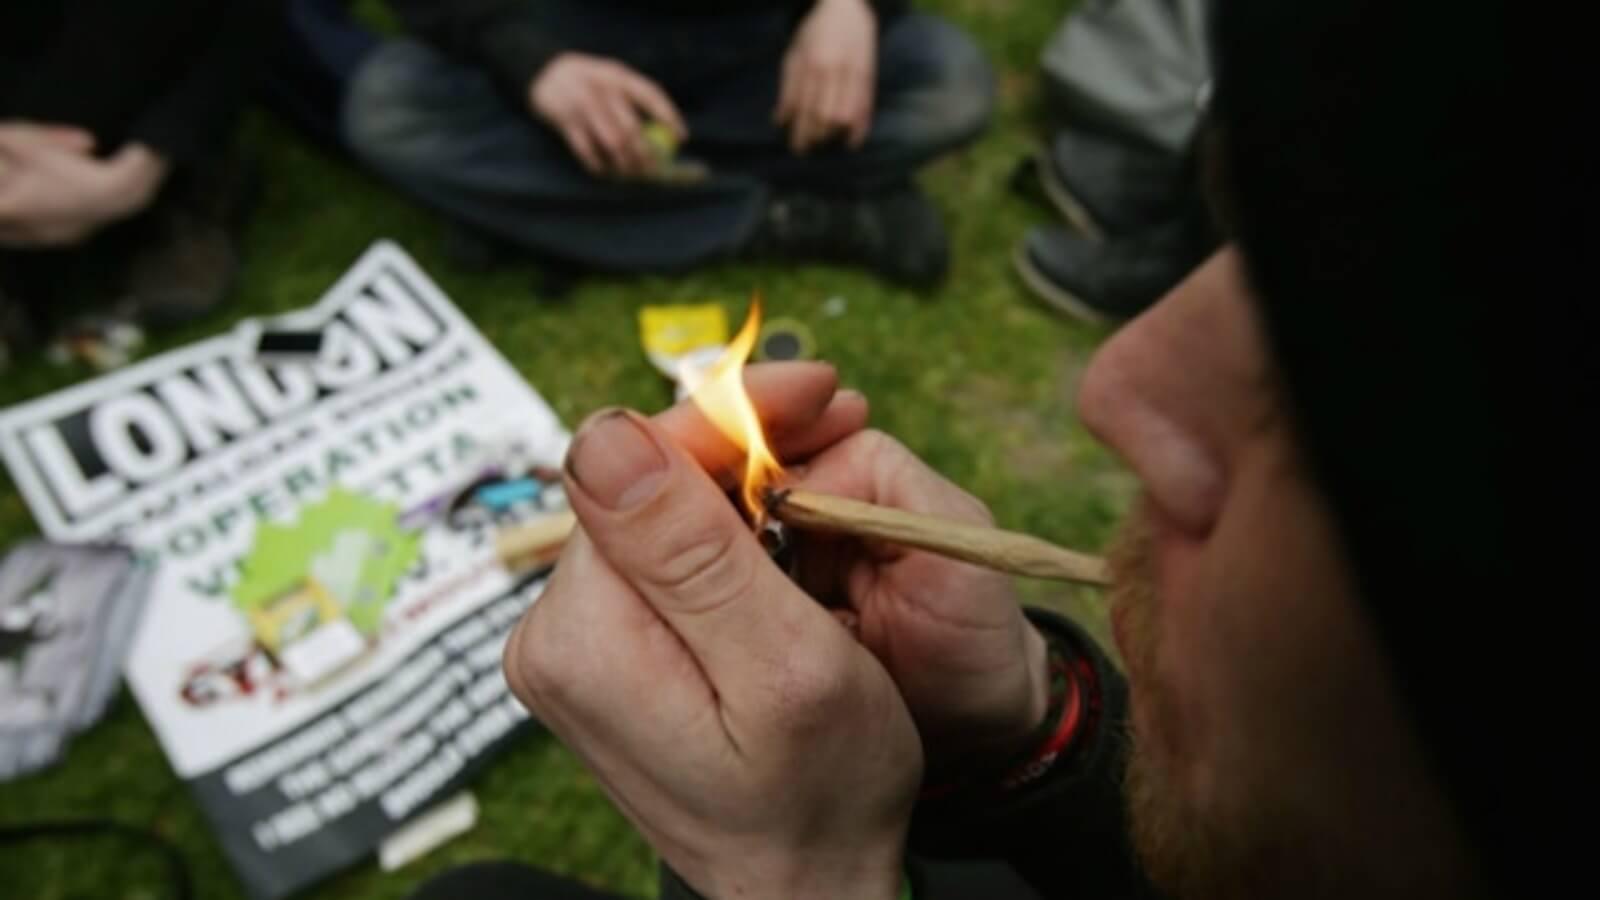 El 4 20 Fumar Marihuana En El Mundo Del Arte Algo Mas Que Un Viaje